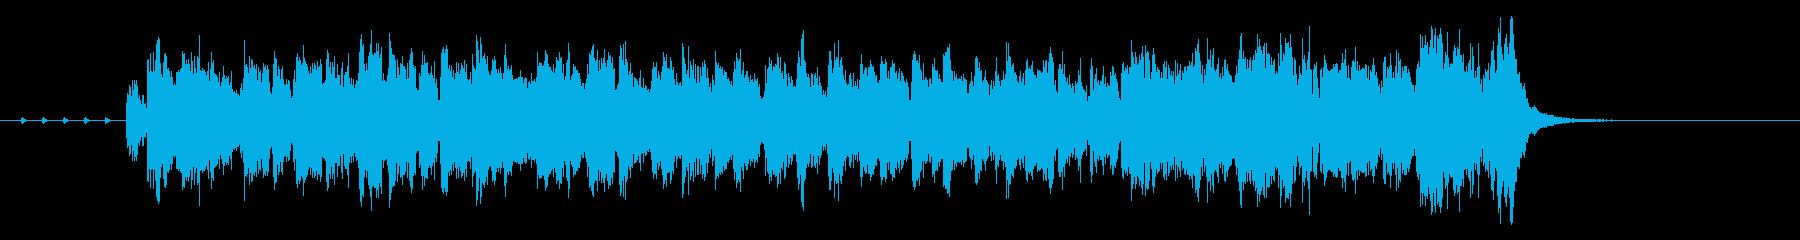 イカすブラスセクションのラテンジングルの再生済みの波形